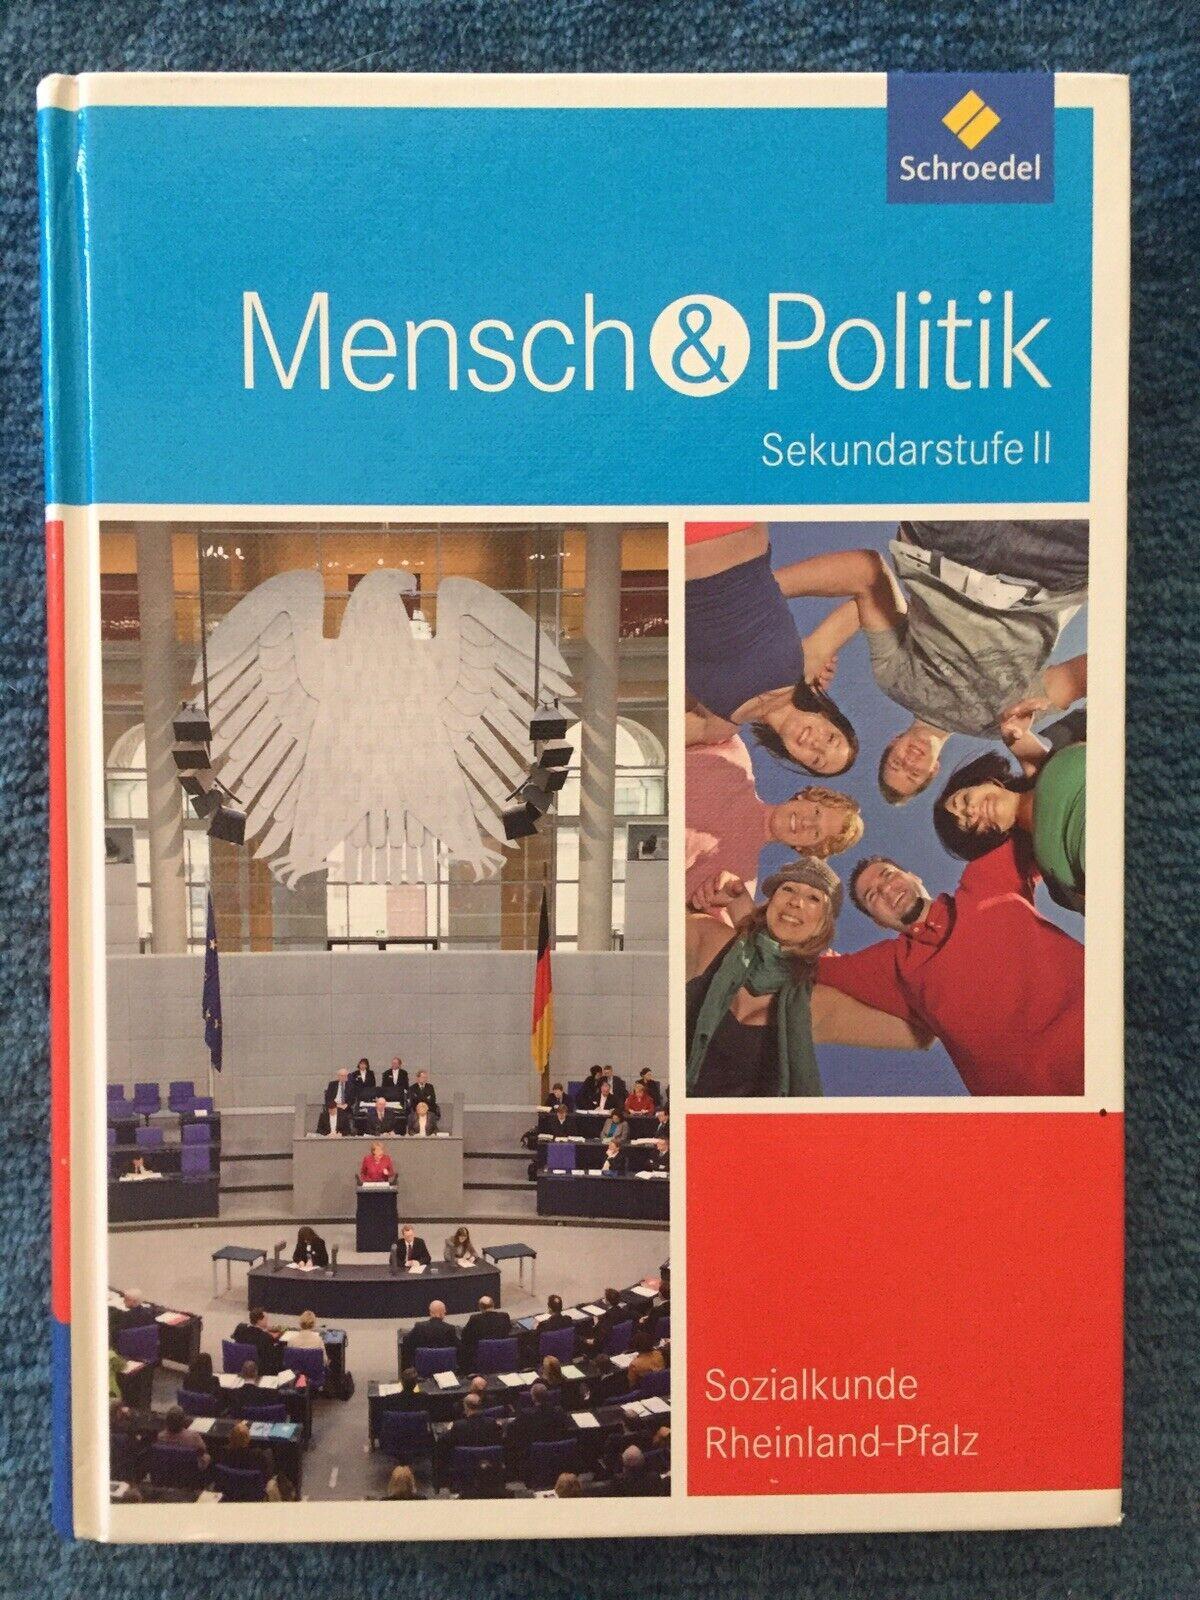 Mensch & Politik, SEK II, RLP, 9783507108974, Wie Neu!